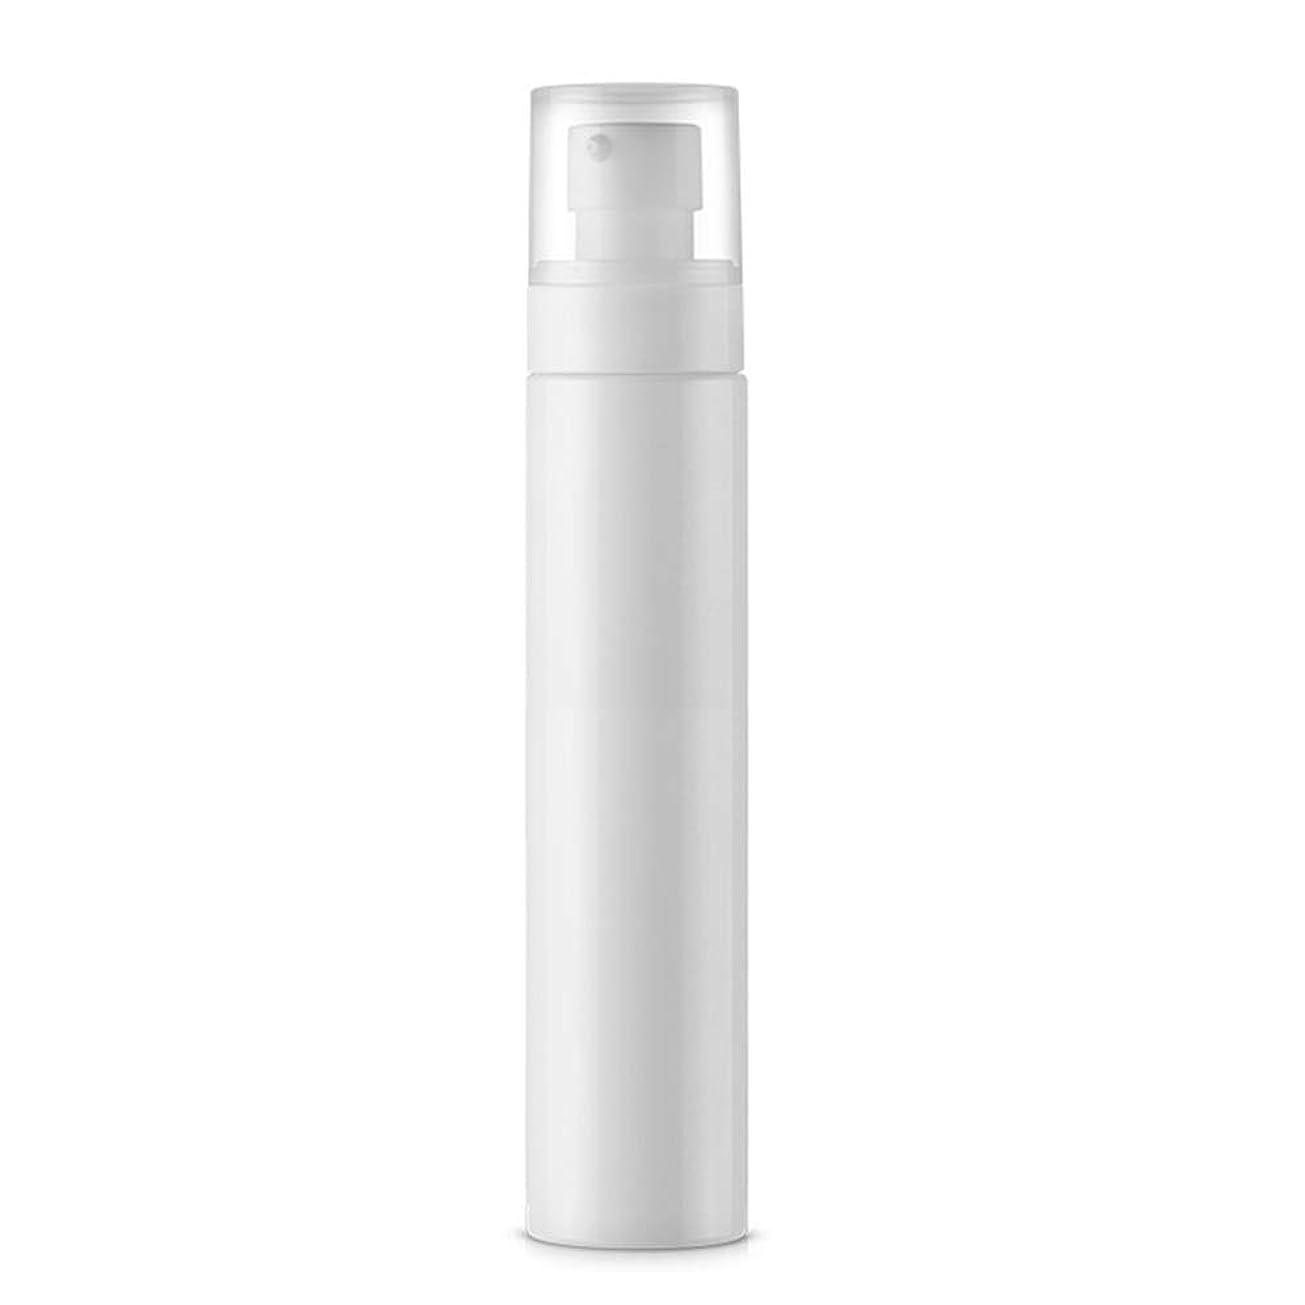 健康的保護着飾るVi.yo ポンプボトル 小分けボトル 化粧水 詰替用ボトル 携帯用 旅行 出張 150ml